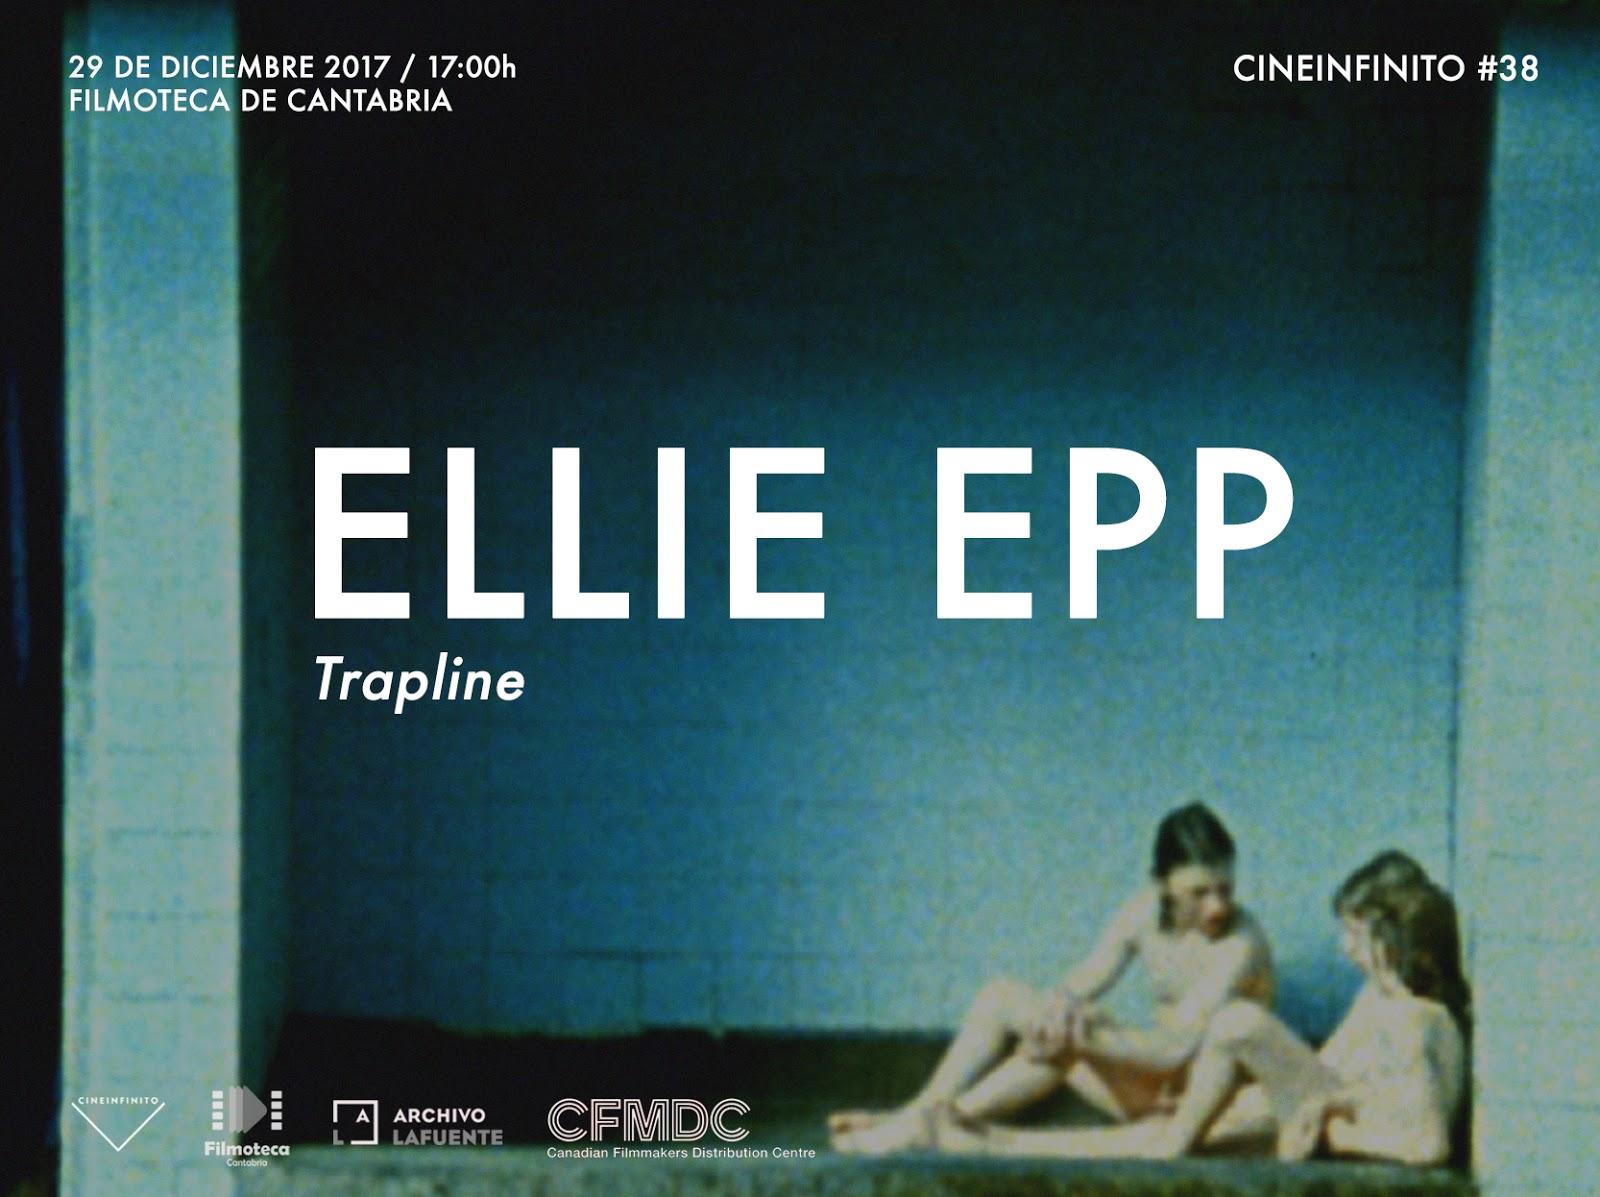 ELIE EPP